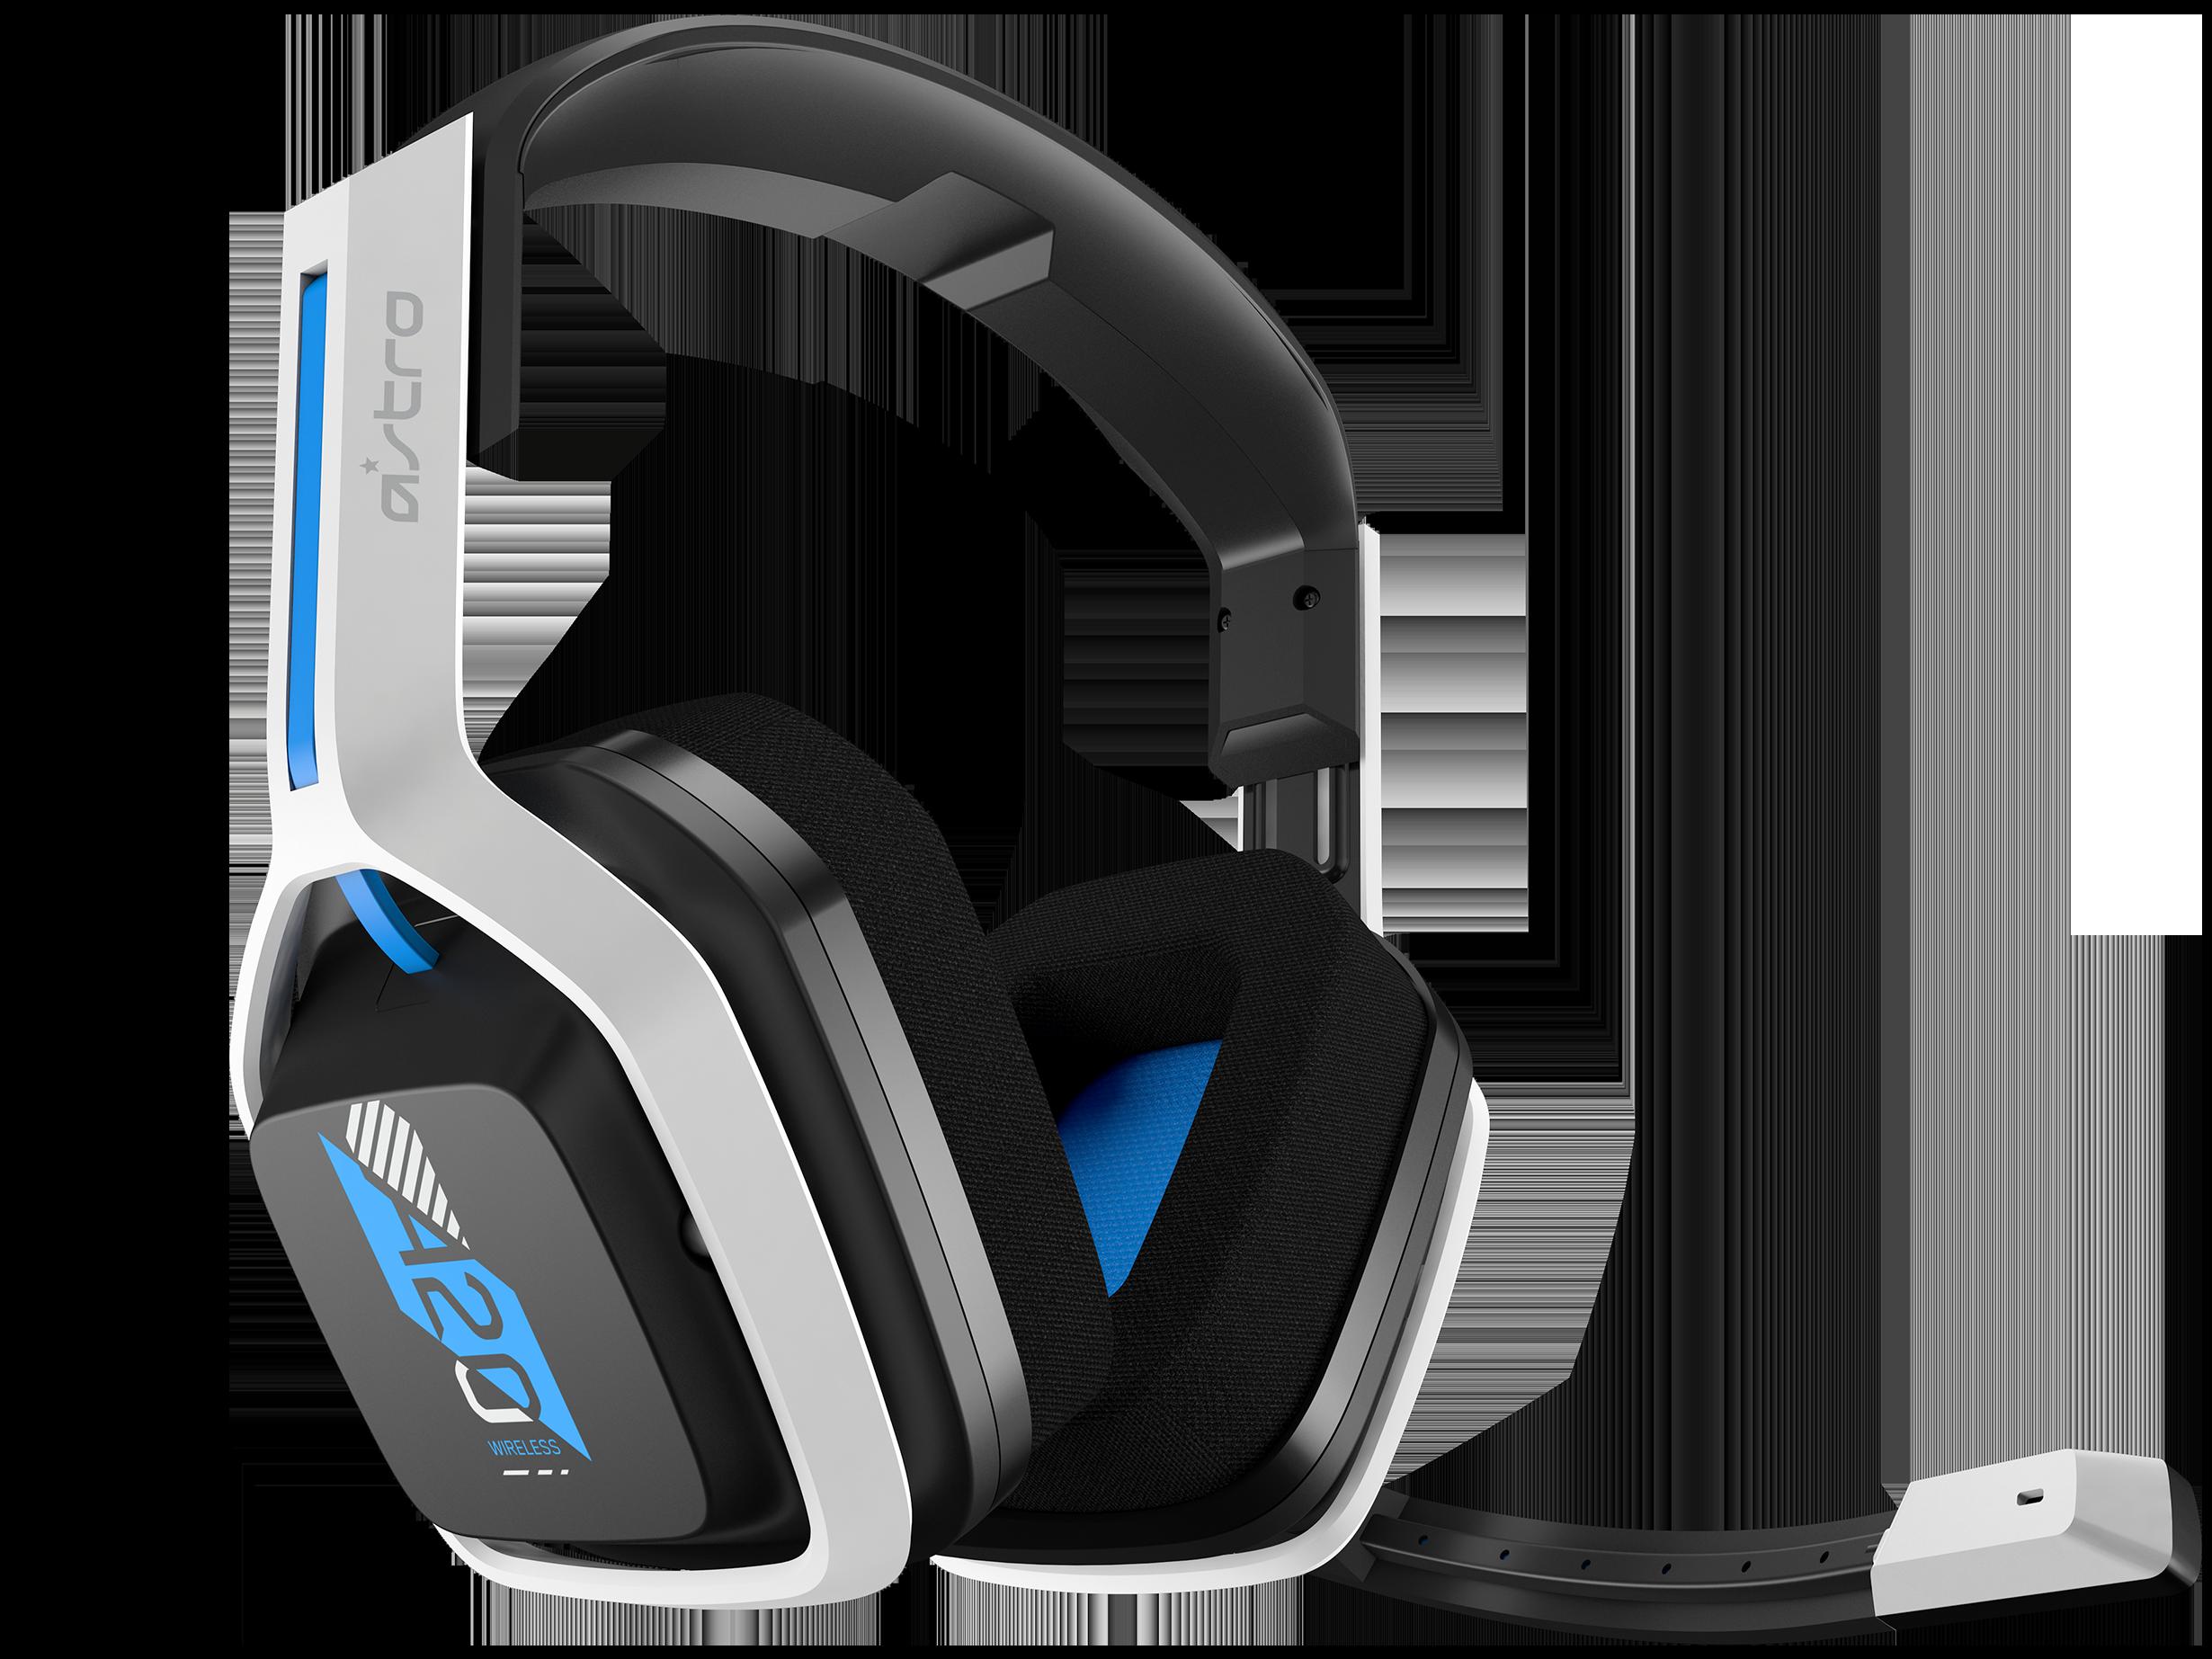 a20 wireless gen 2 headset